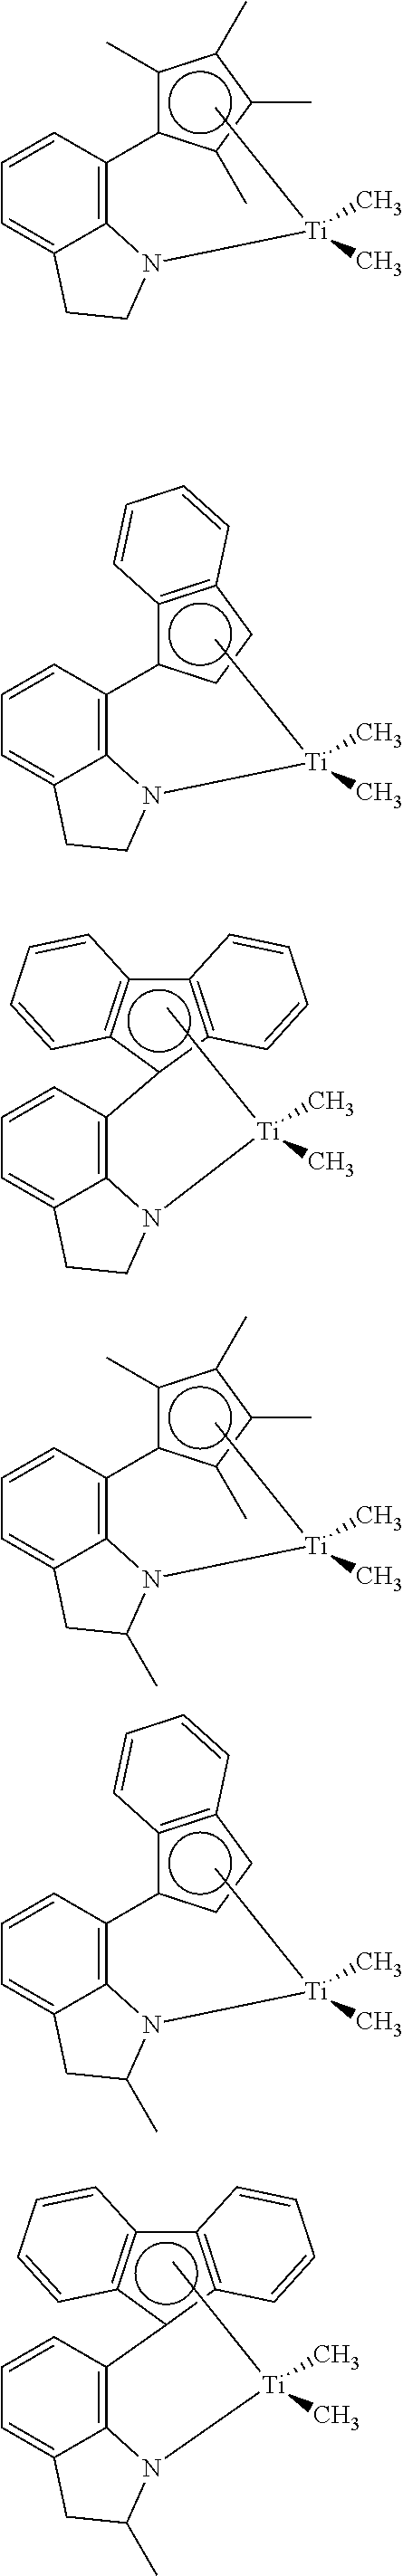 Figure US20110177935A1-20110721-C00039